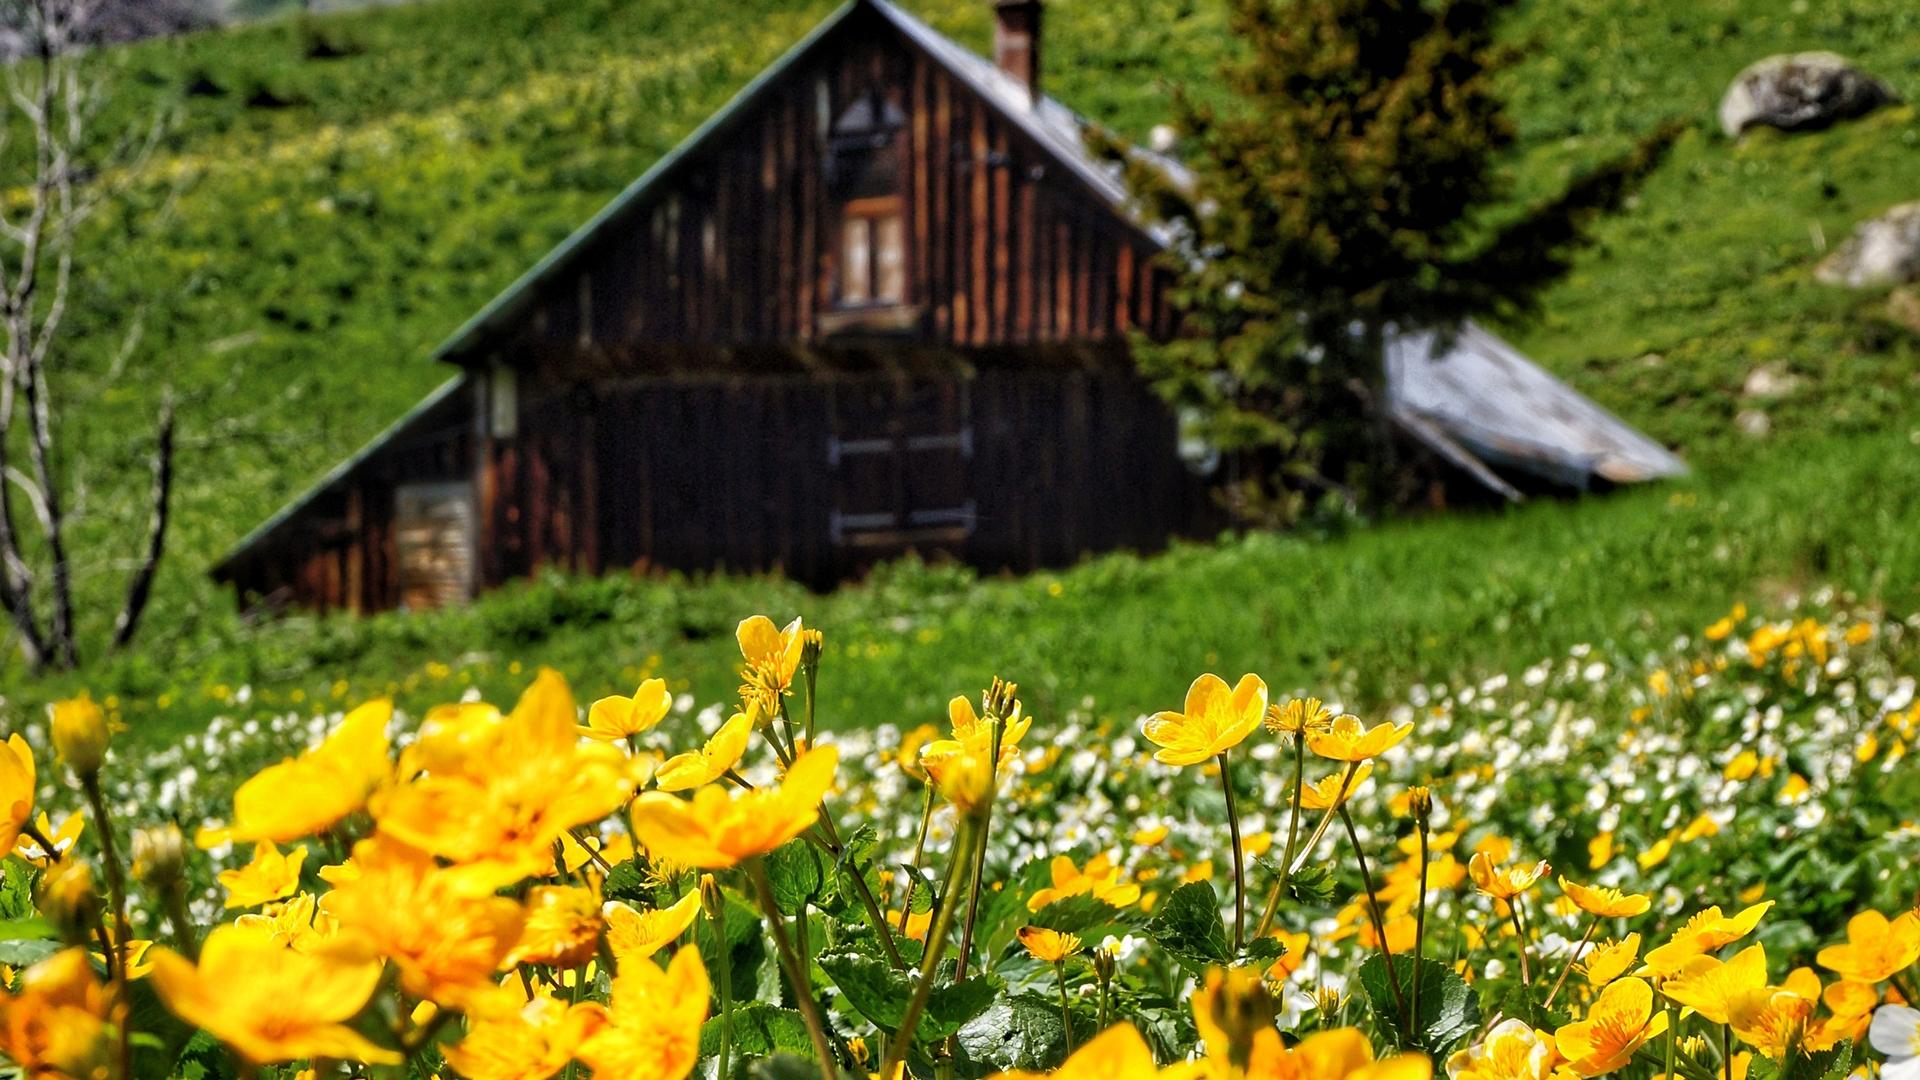 Chalet dans les fleurs